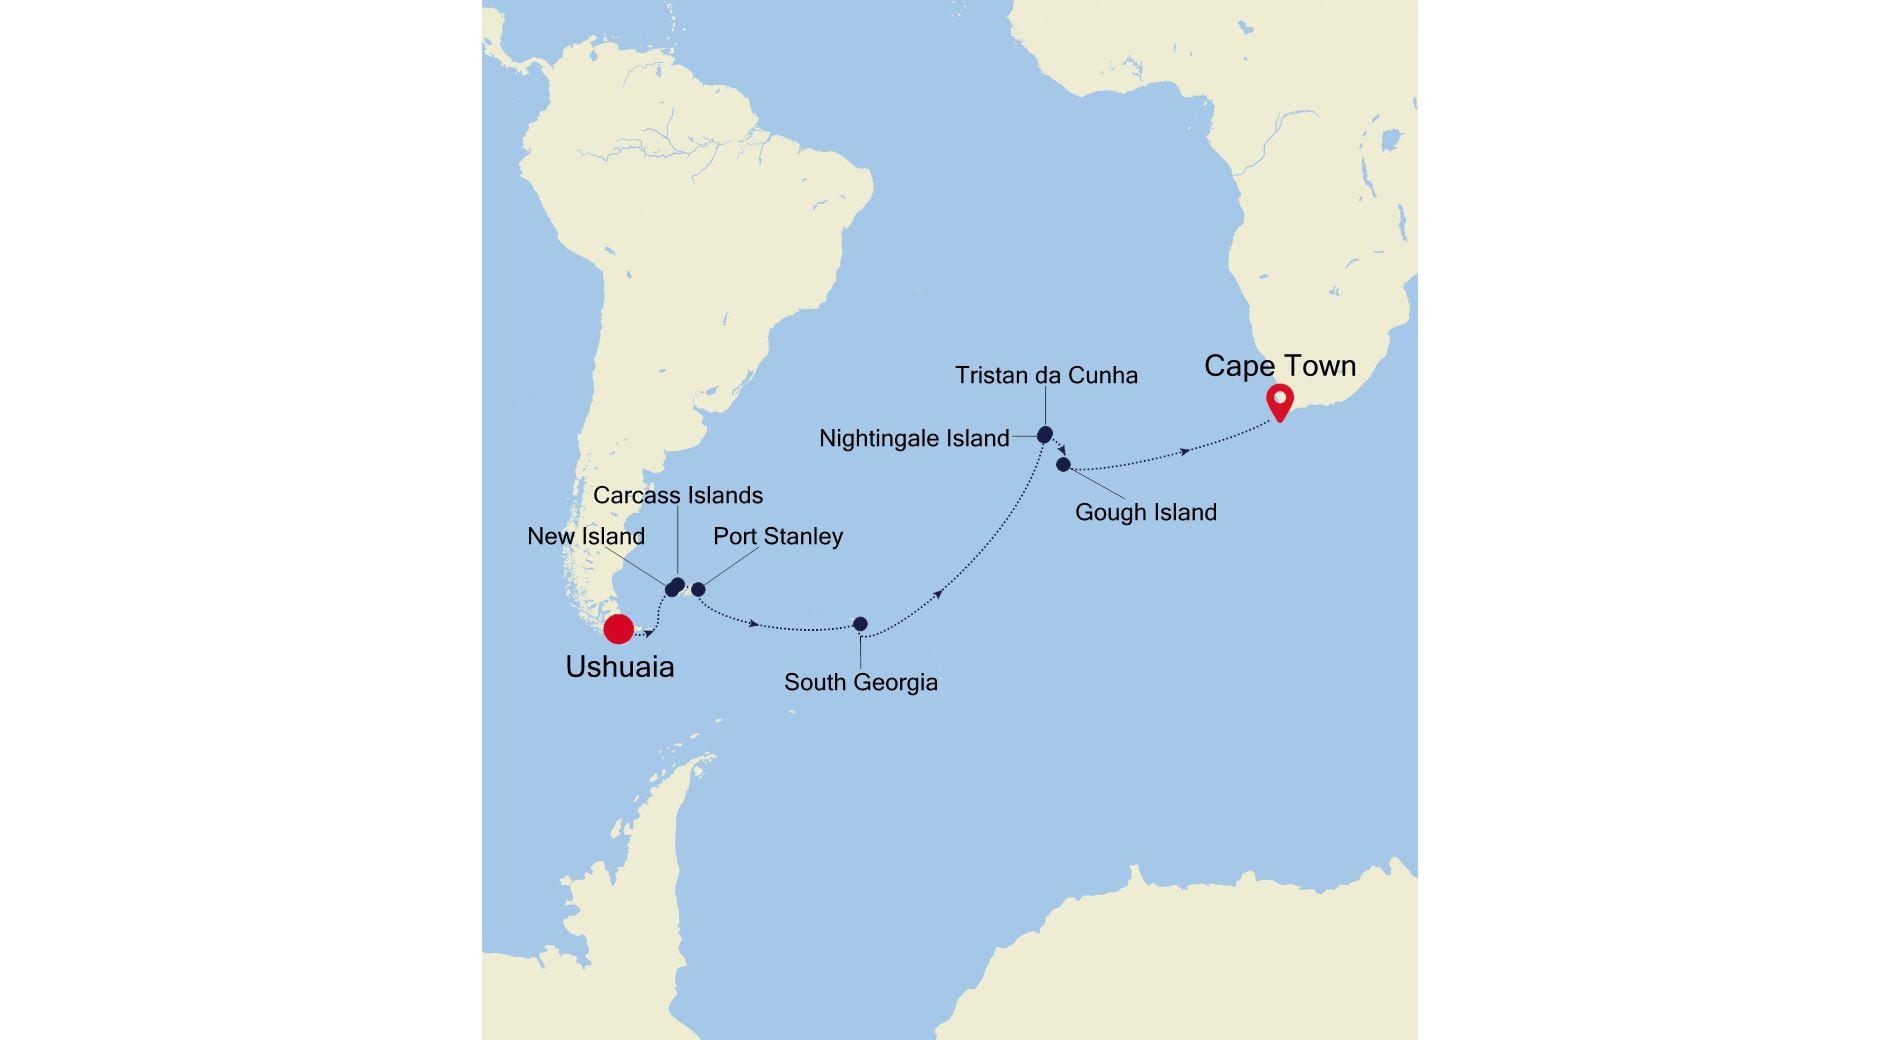 E4210319021 - Ushuaia nach Cape Town